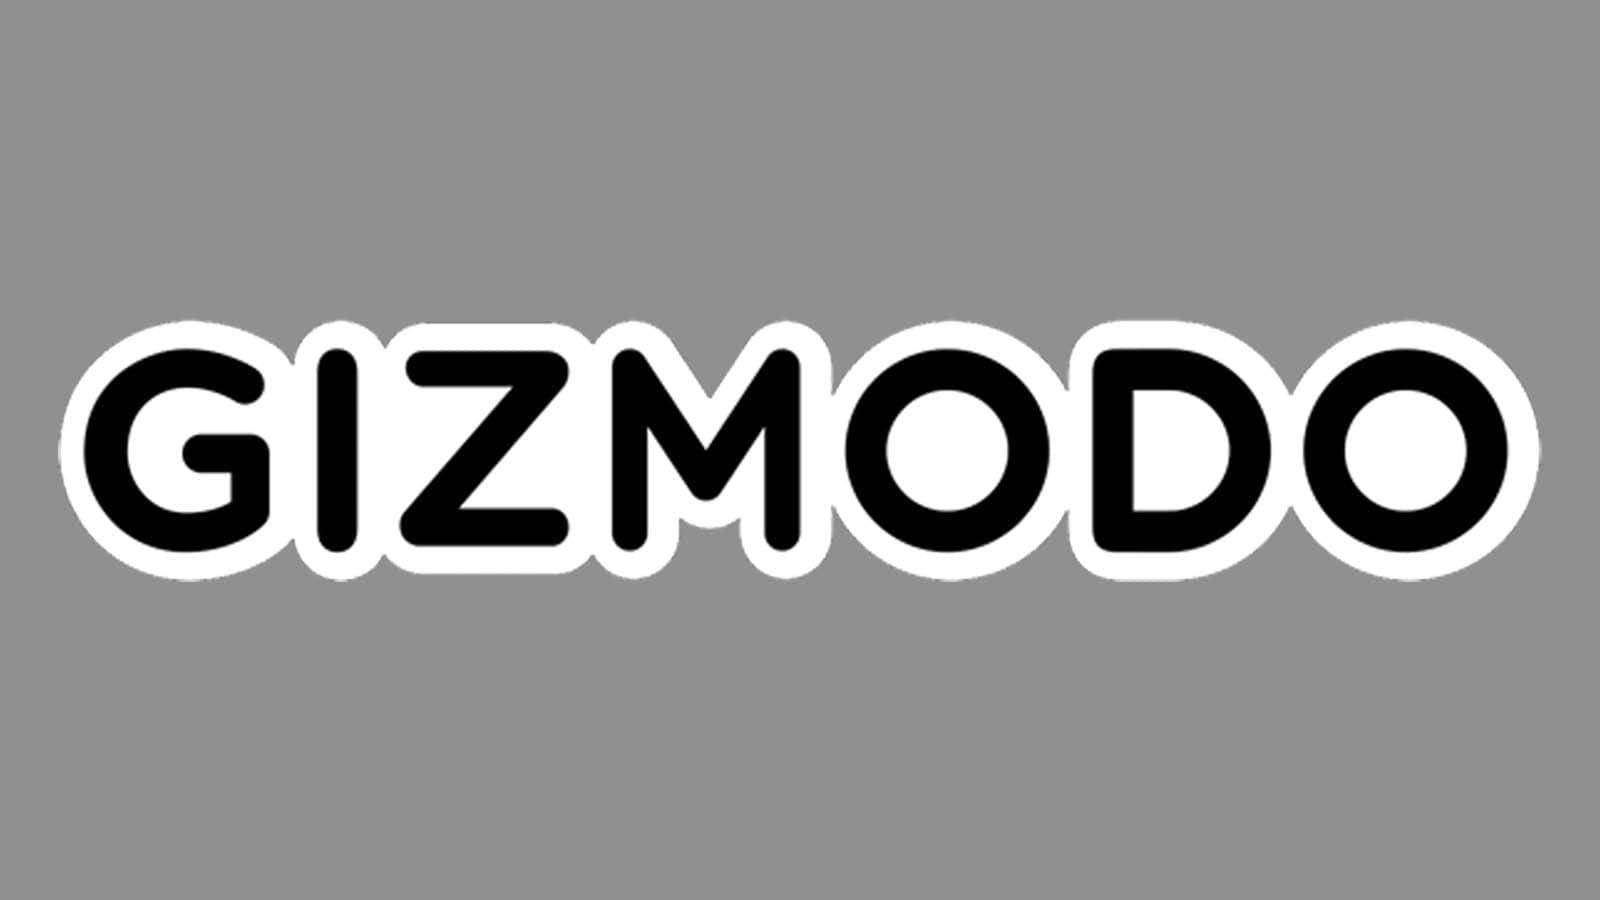 gizmodo banner logo